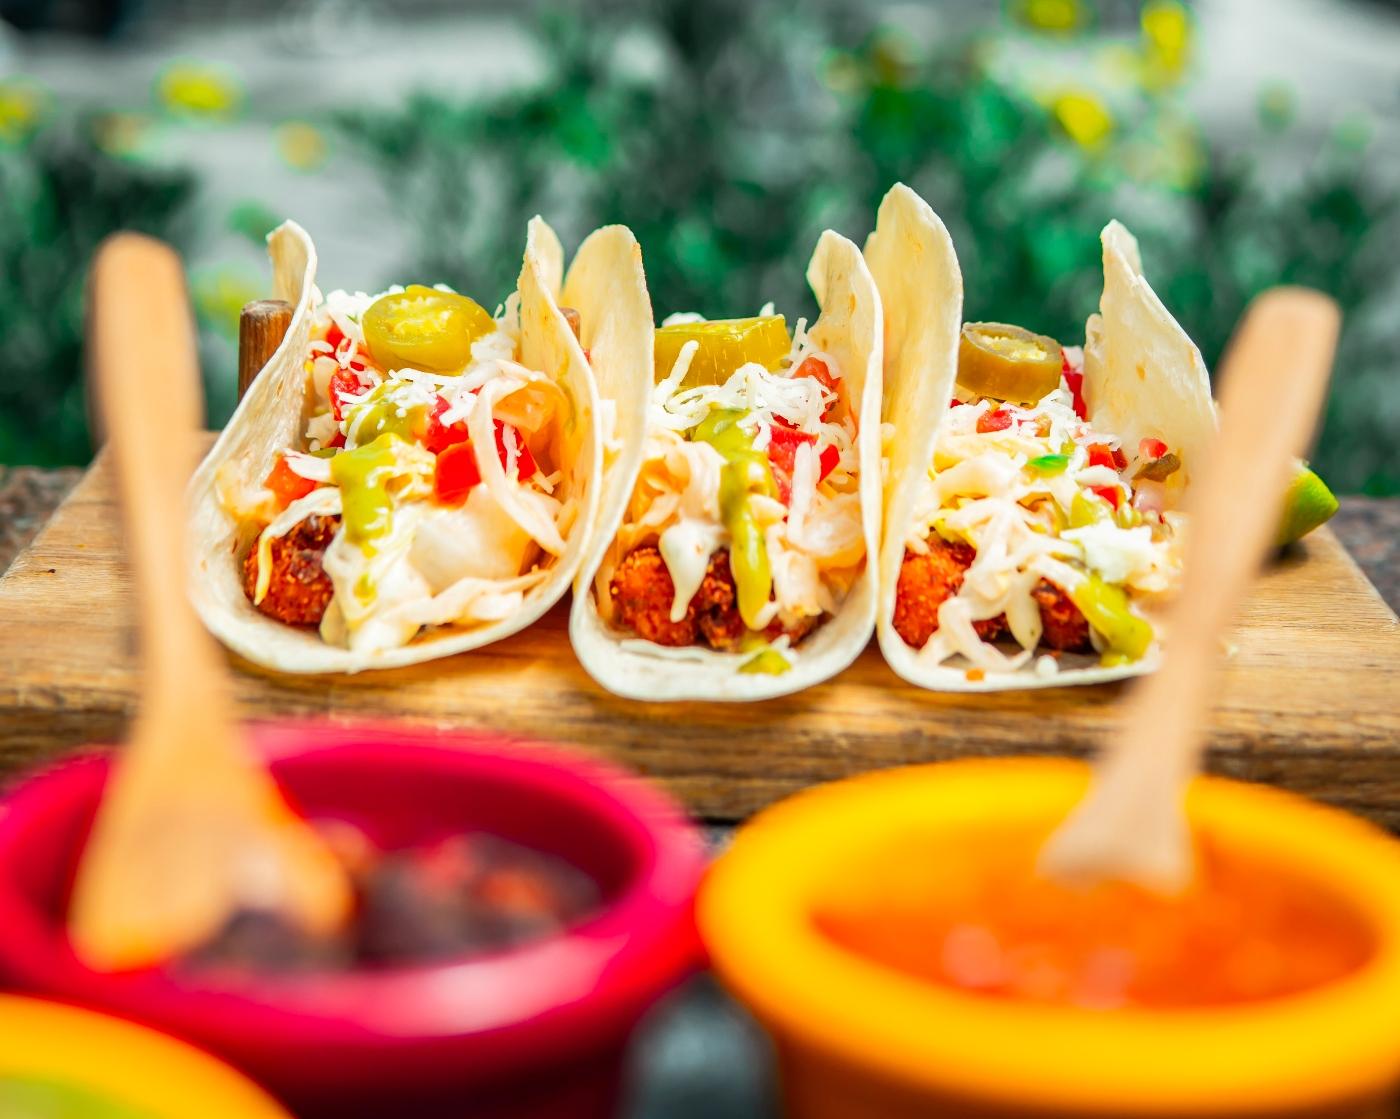 Şehrin Meksikalısından yaza özel fit lezzetler